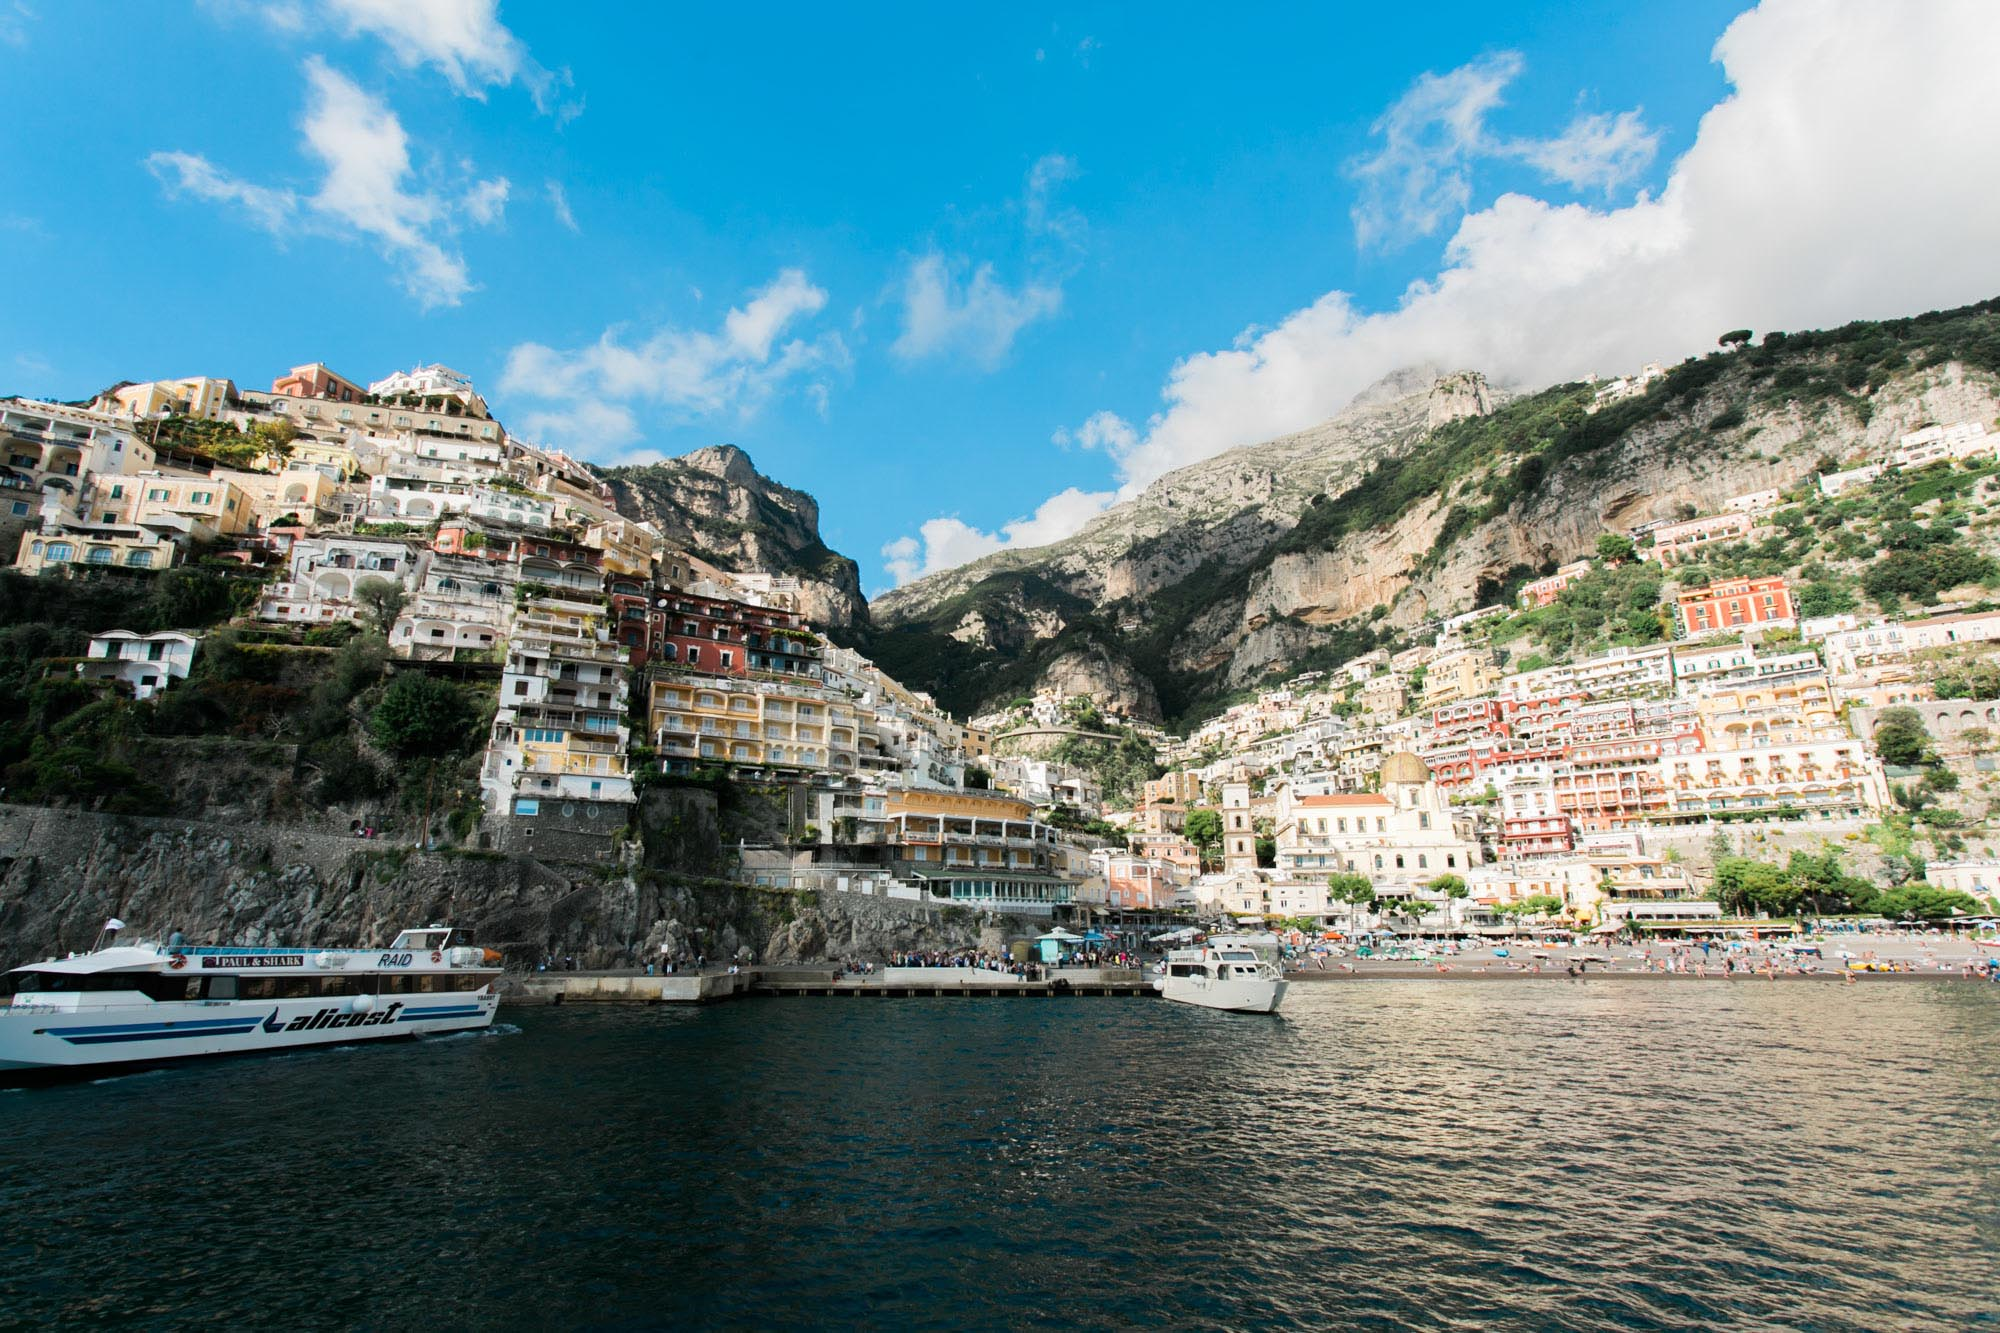 joeewong-reke-italy-amalfi-coast-positano-honeymoon-19